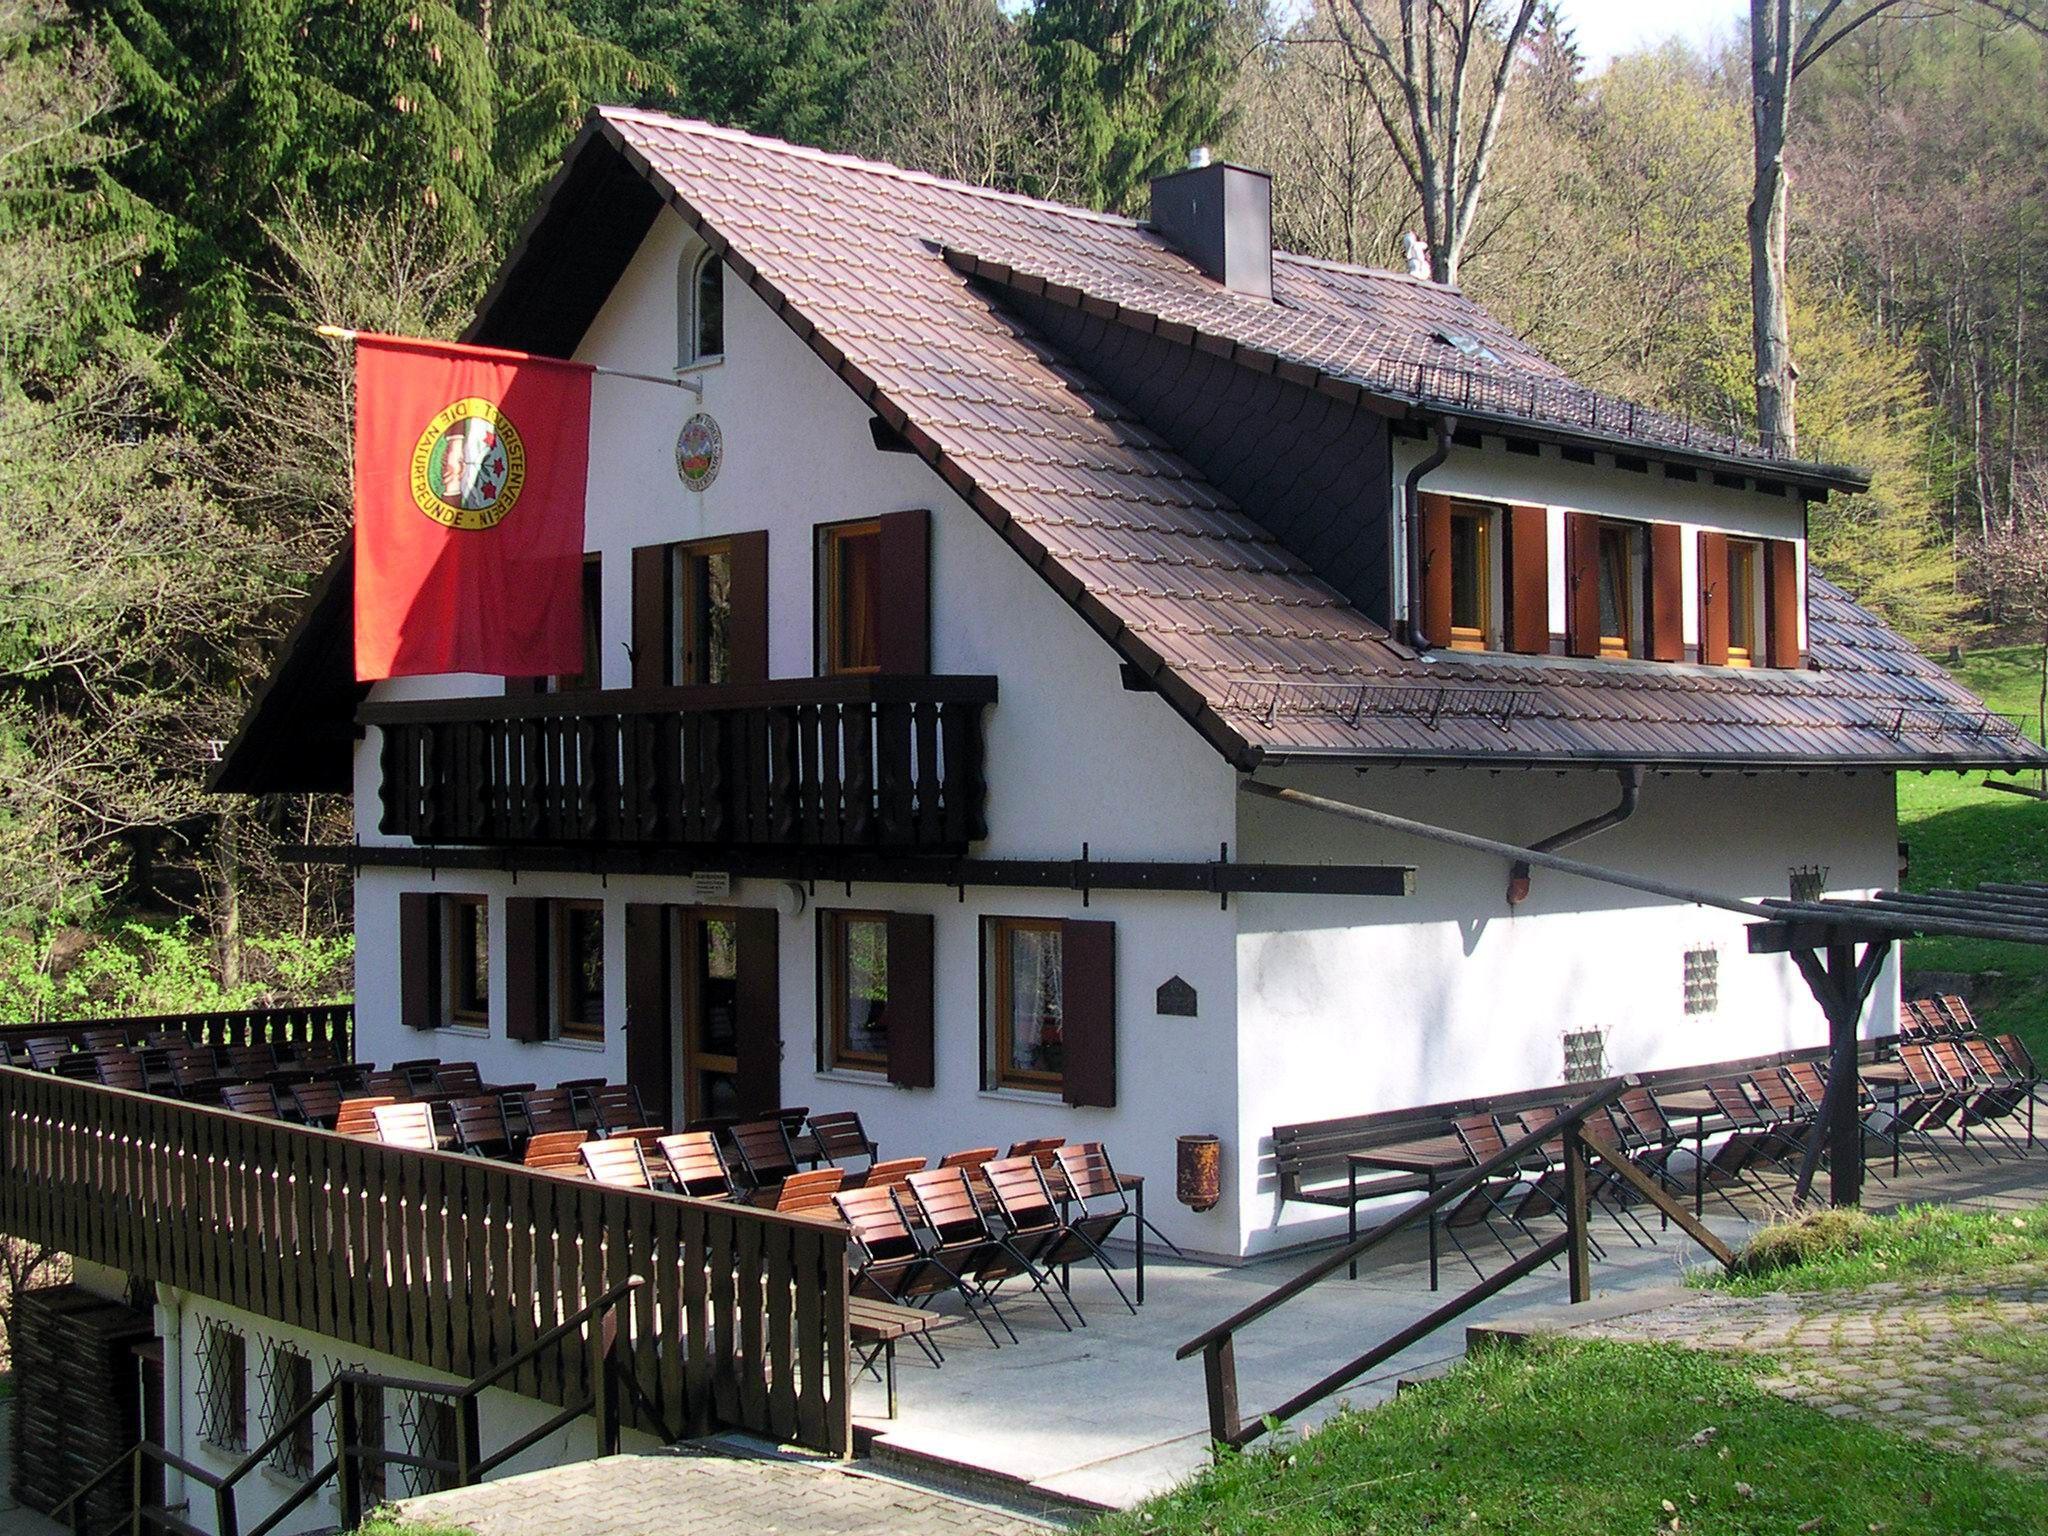 NaturFreundehaus Schriesheimer Hütte